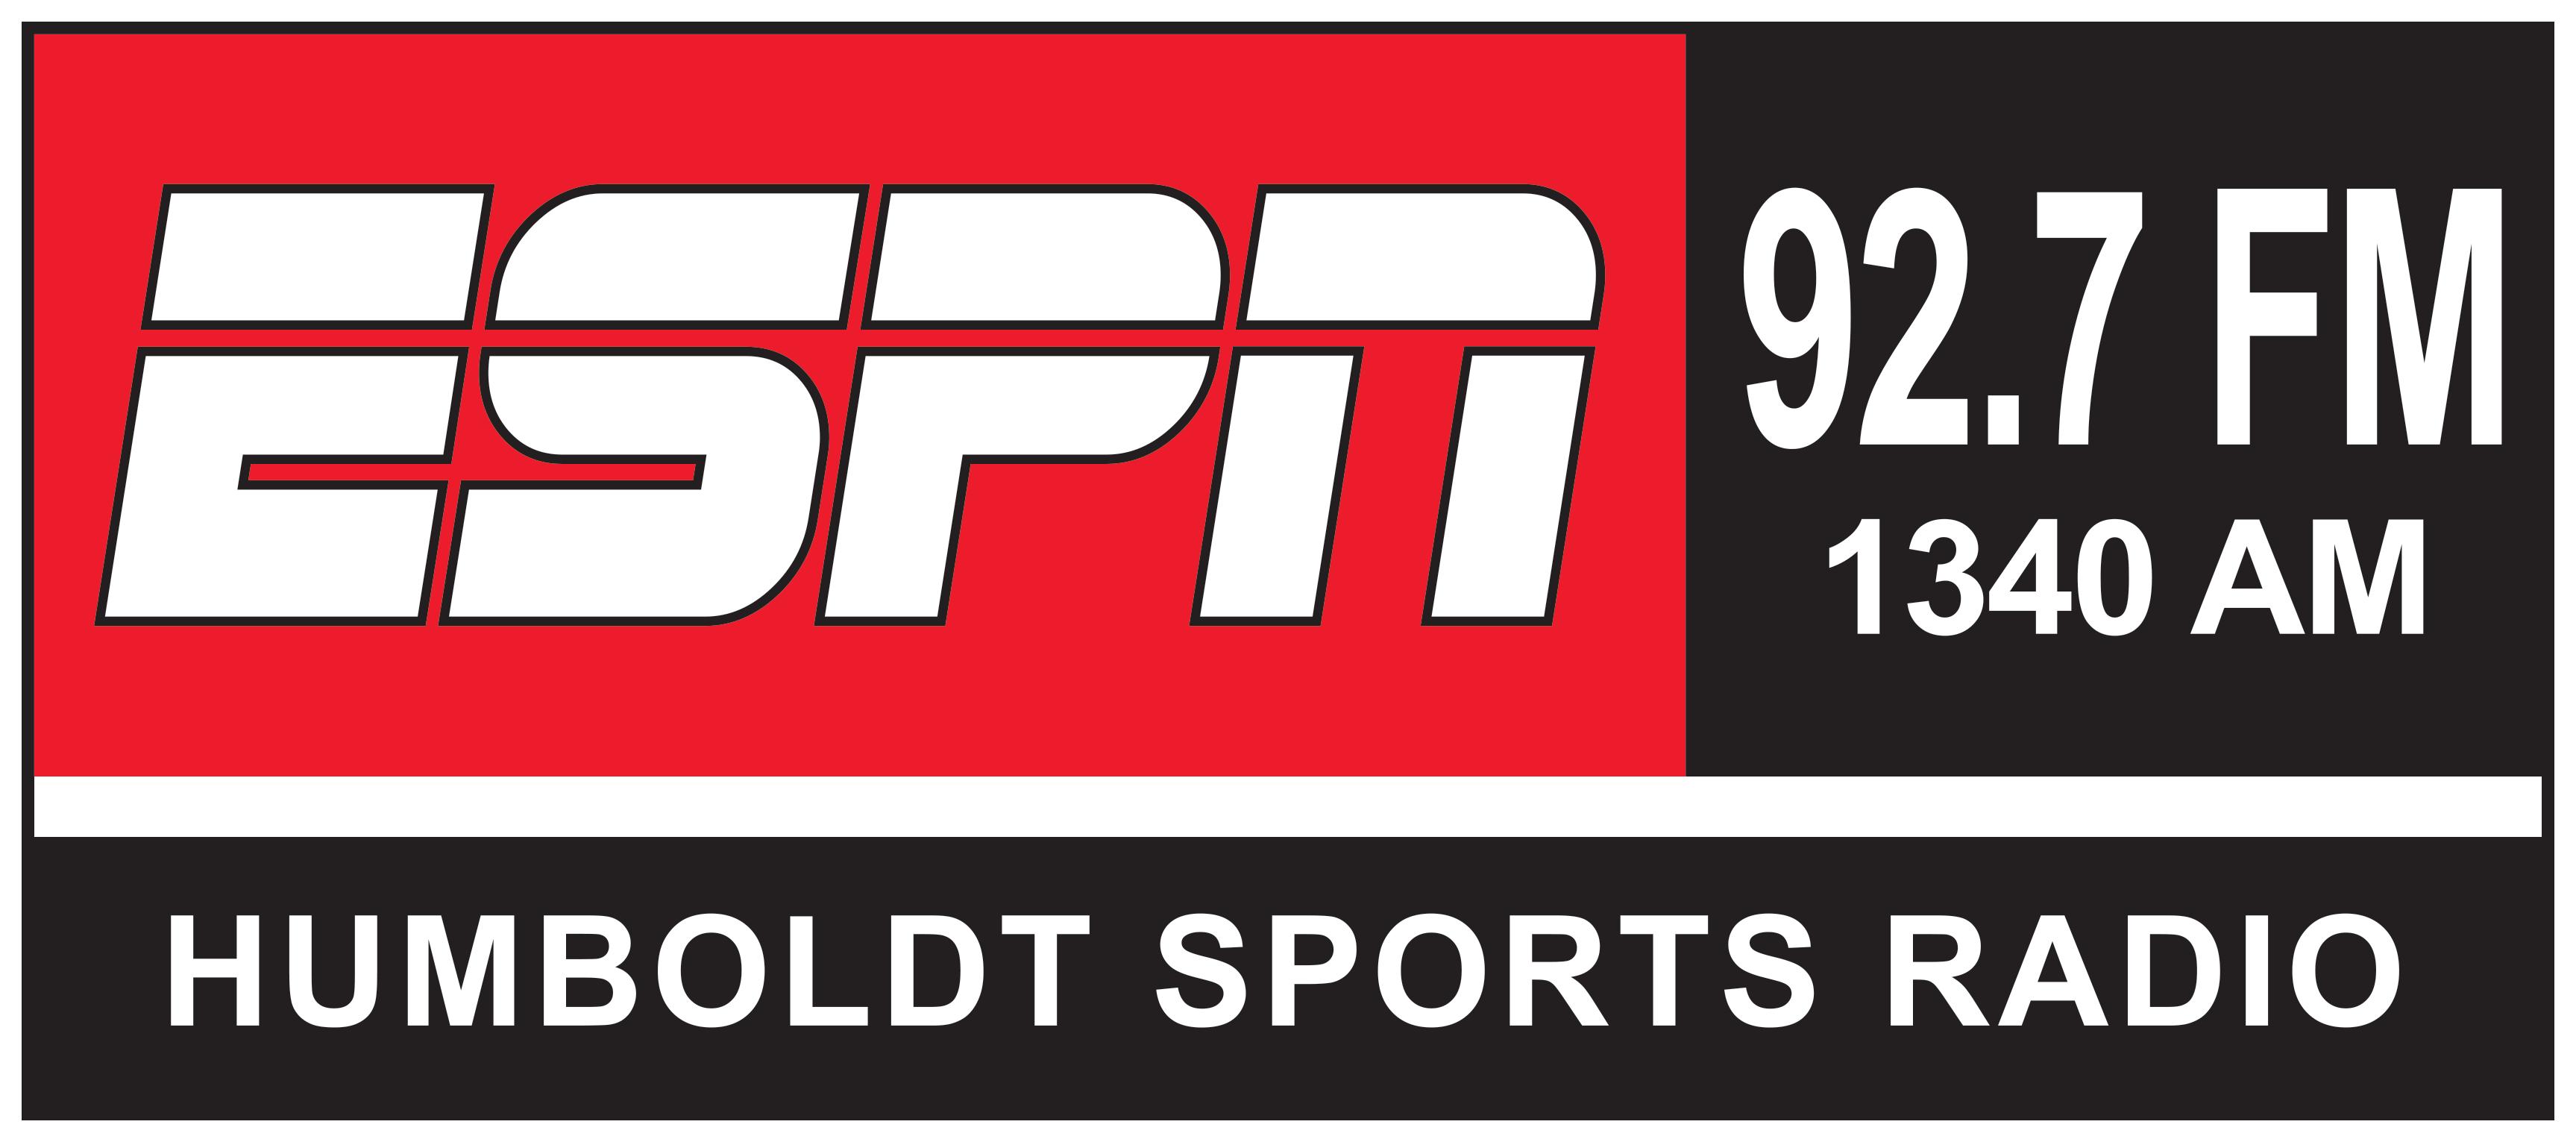 ESPN 92.7 - KATA - Arcata